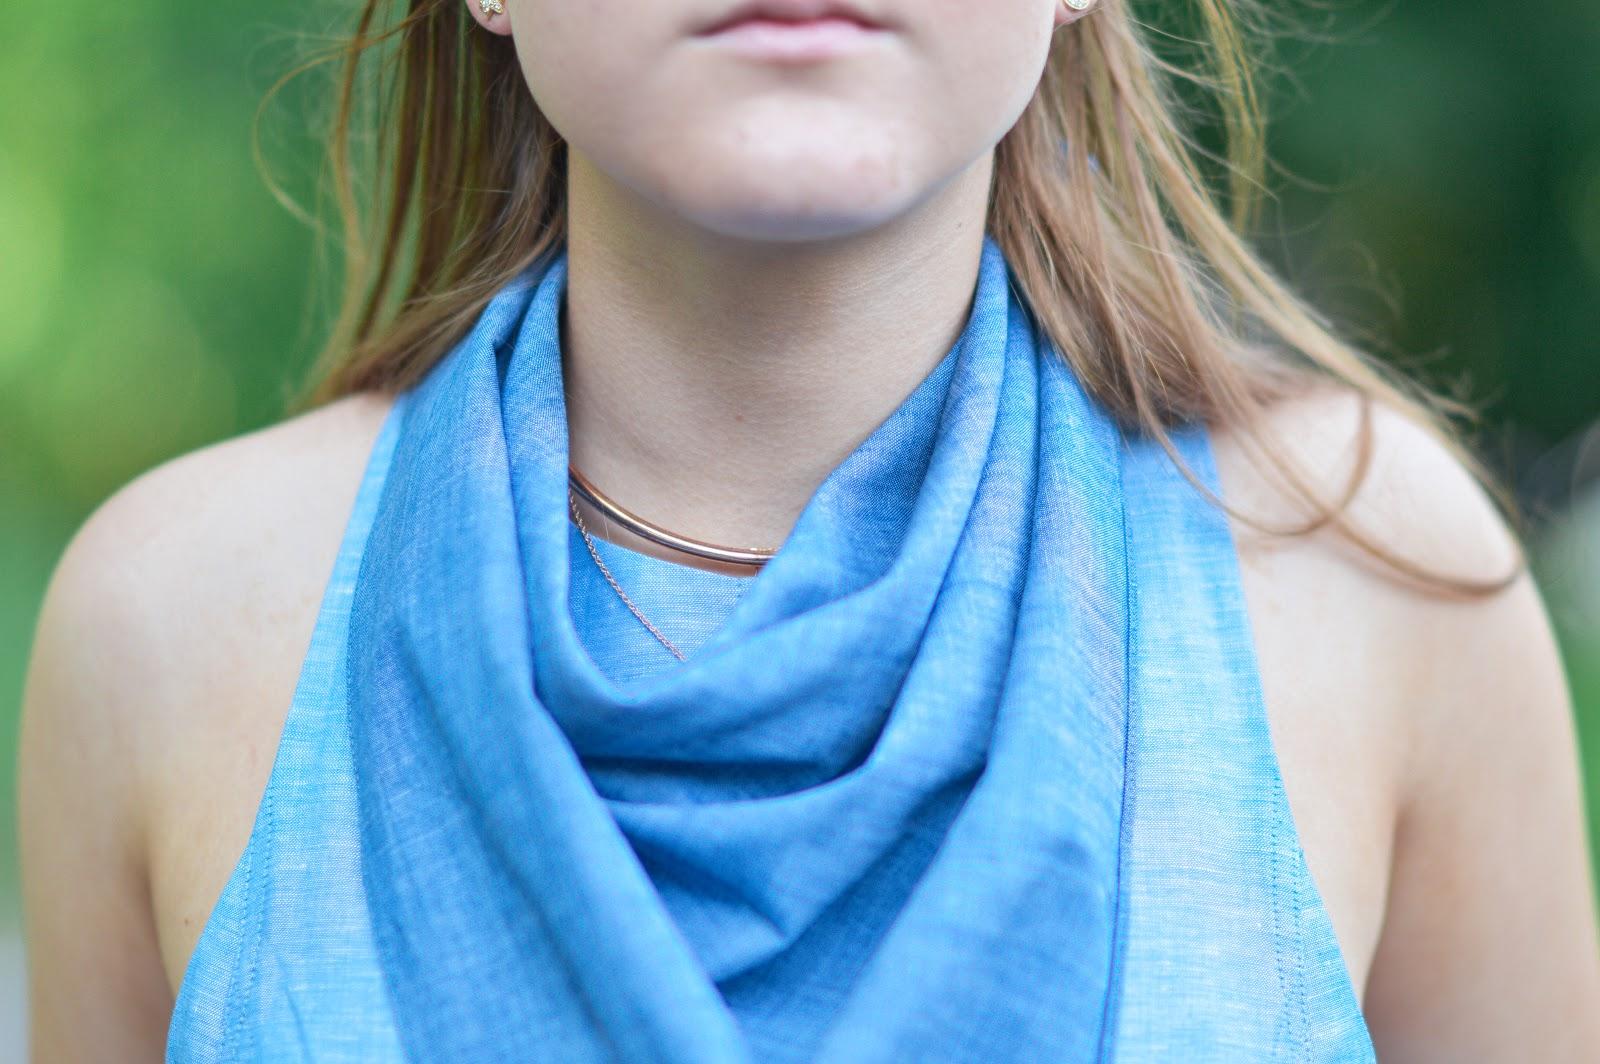 rose+gold+necklace.jpg